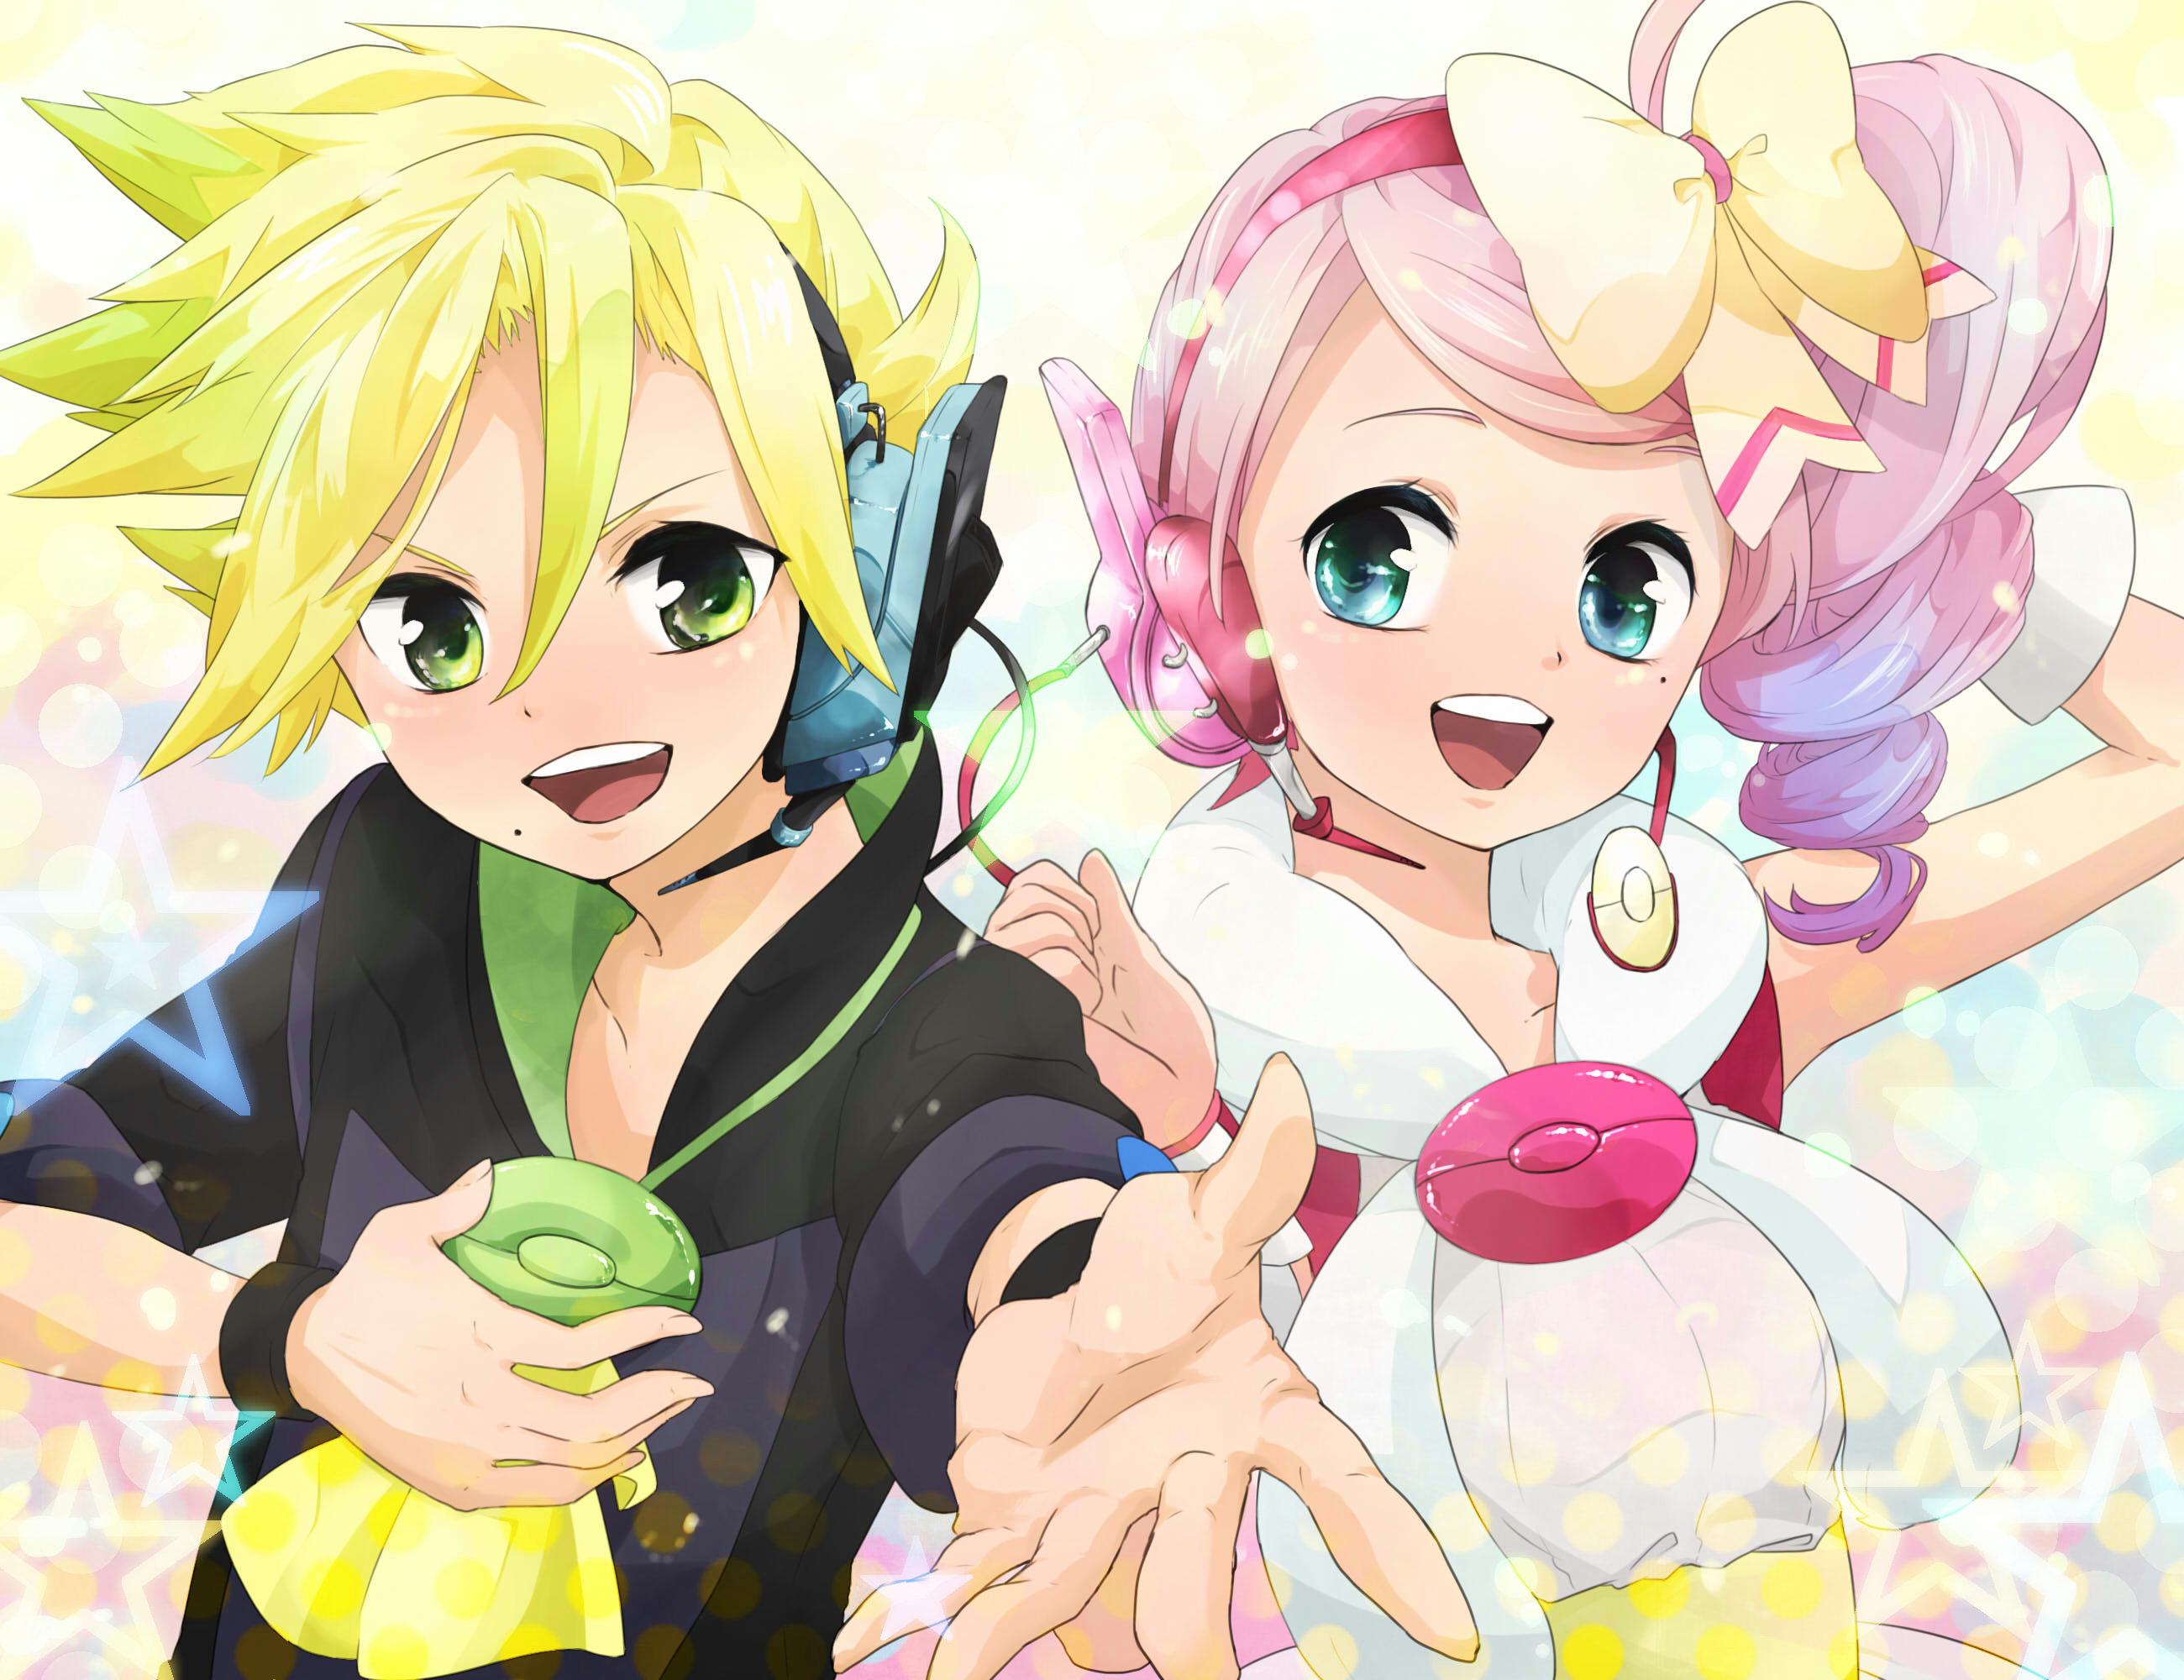 tenma pok233mon tetsu pok233mon zerochan anime image board